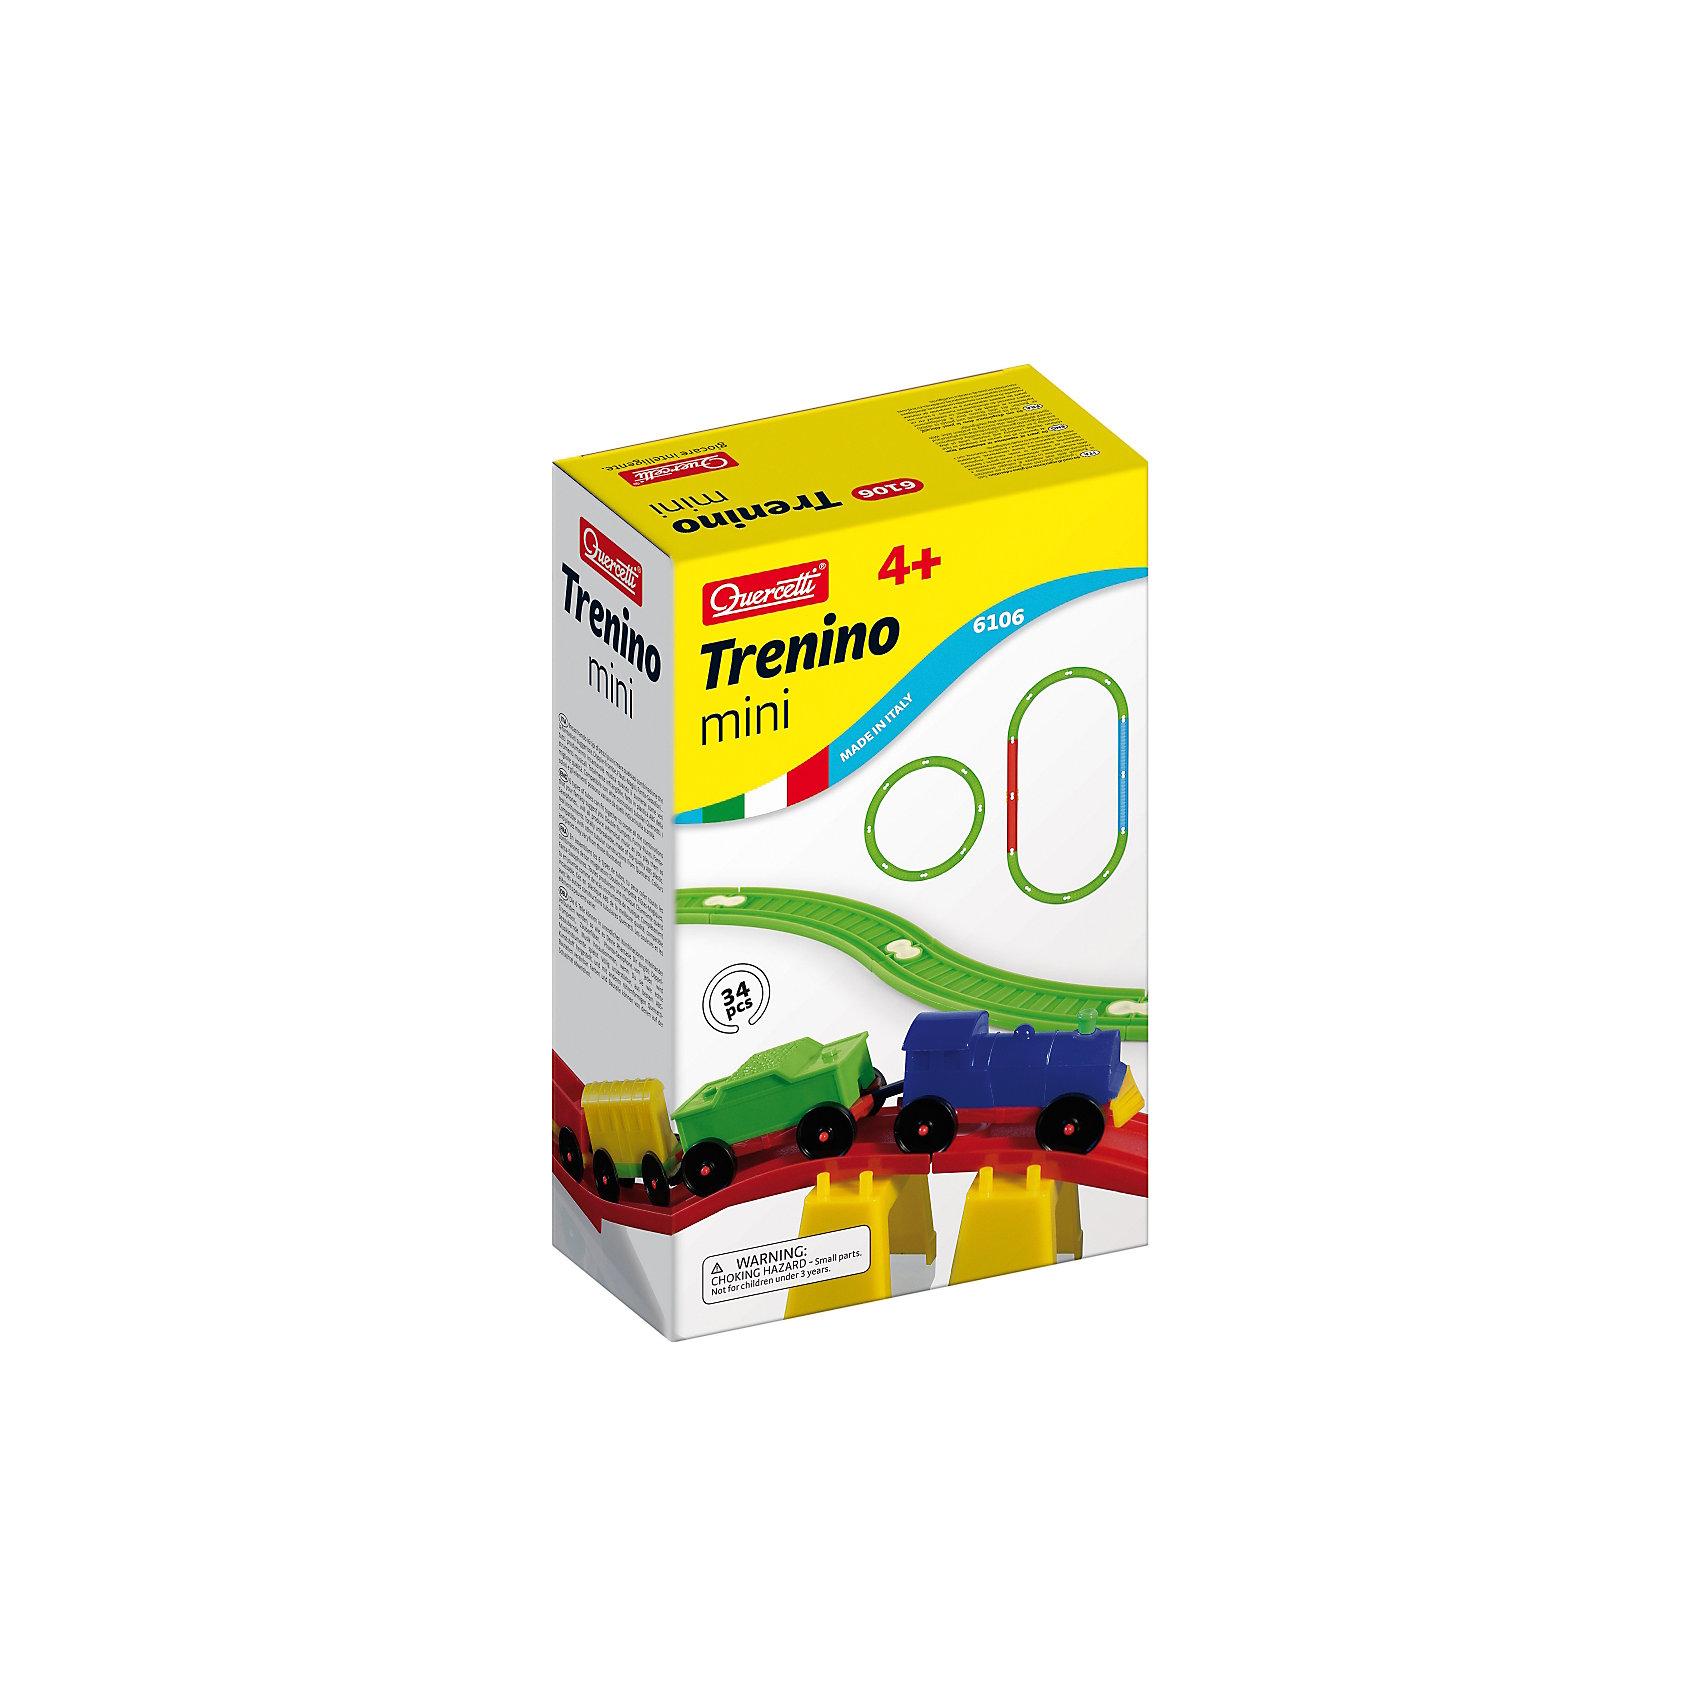 Конструктор Ж/Д мини, 34 детали, QuercettiПластмассовые конструкторы<br>Конструктор Ж/Д мини, 34 детали, Quercetti (Кверсетти).<br><br>Характеристики:<br><br>- В наборе: 34 элемента<br>- Материал: высококачественный пластик, окрашенный нетоксичными красками<br>- Упаковка: картонная коробка<br>- Размер упаковки: 18 х 29 х 9 см.<br>- Вес: 410 гр.<br><br>Конструктор Quercetti Ж/Д мини непременно понравится вашему малышу. В комплект входят разноцветные прямые и дугообразные рельсы, которые нужно соединить вместе различным образом, а также маленький паровозик с тремя разными вагончиками. Ваш малыш проведет много времени, играя с получившейся железной дорогой. Яркие детали конструктора выполнены из мягкого, не вызывающего аллергии пластика, который абсолютно безопасен для детей. Углы деталей скруглены. Сборка конструктора тренирует воображение, мышление, внимательность, память, зрительное и тактильное восприятие детей, а также мелкую моторику.<br><br>Конструктор Ж/Д мини, 34 детали, Quercetti (Кверсетти) можно купить в нашем интернет-магазине.<br><br>Ширина мм: 180<br>Глубина мм: 90<br>Высота мм: 290<br>Вес г: 414<br>Возраст от месяцев: 48<br>Возраст до месяцев: 2147483647<br>Пол: Мужской<br>Возраст: Детский<br>SKU: 5140072